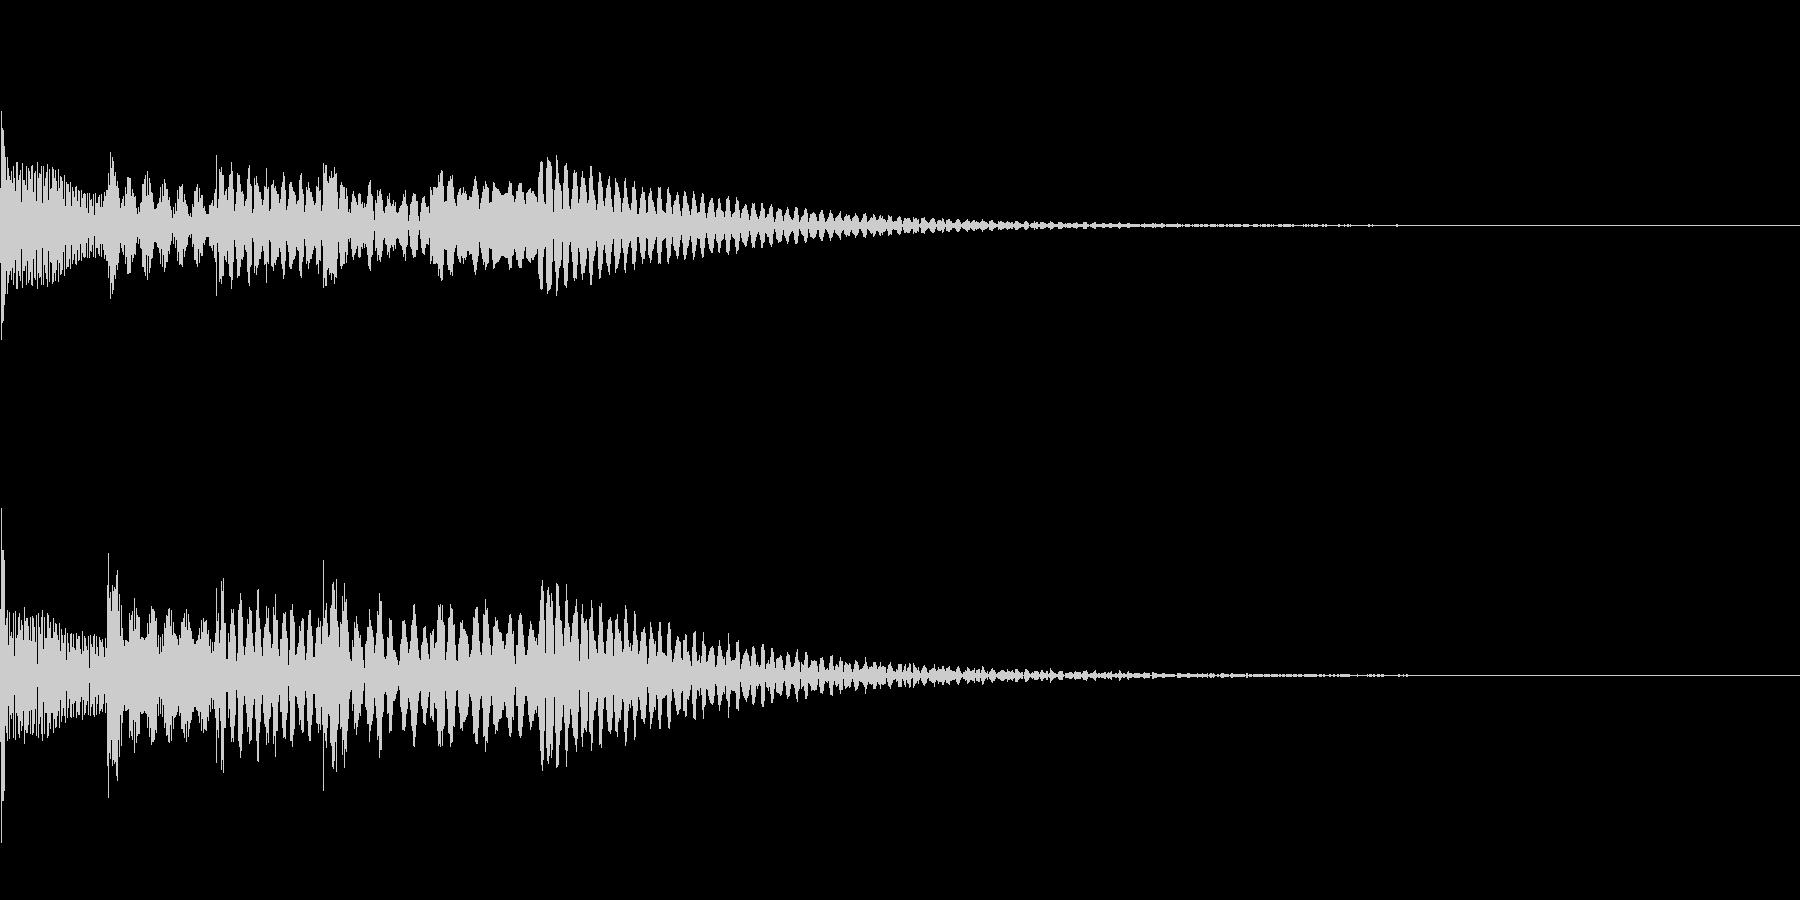 アイテム入手音1【ポロロポロロン】の未再生の波形